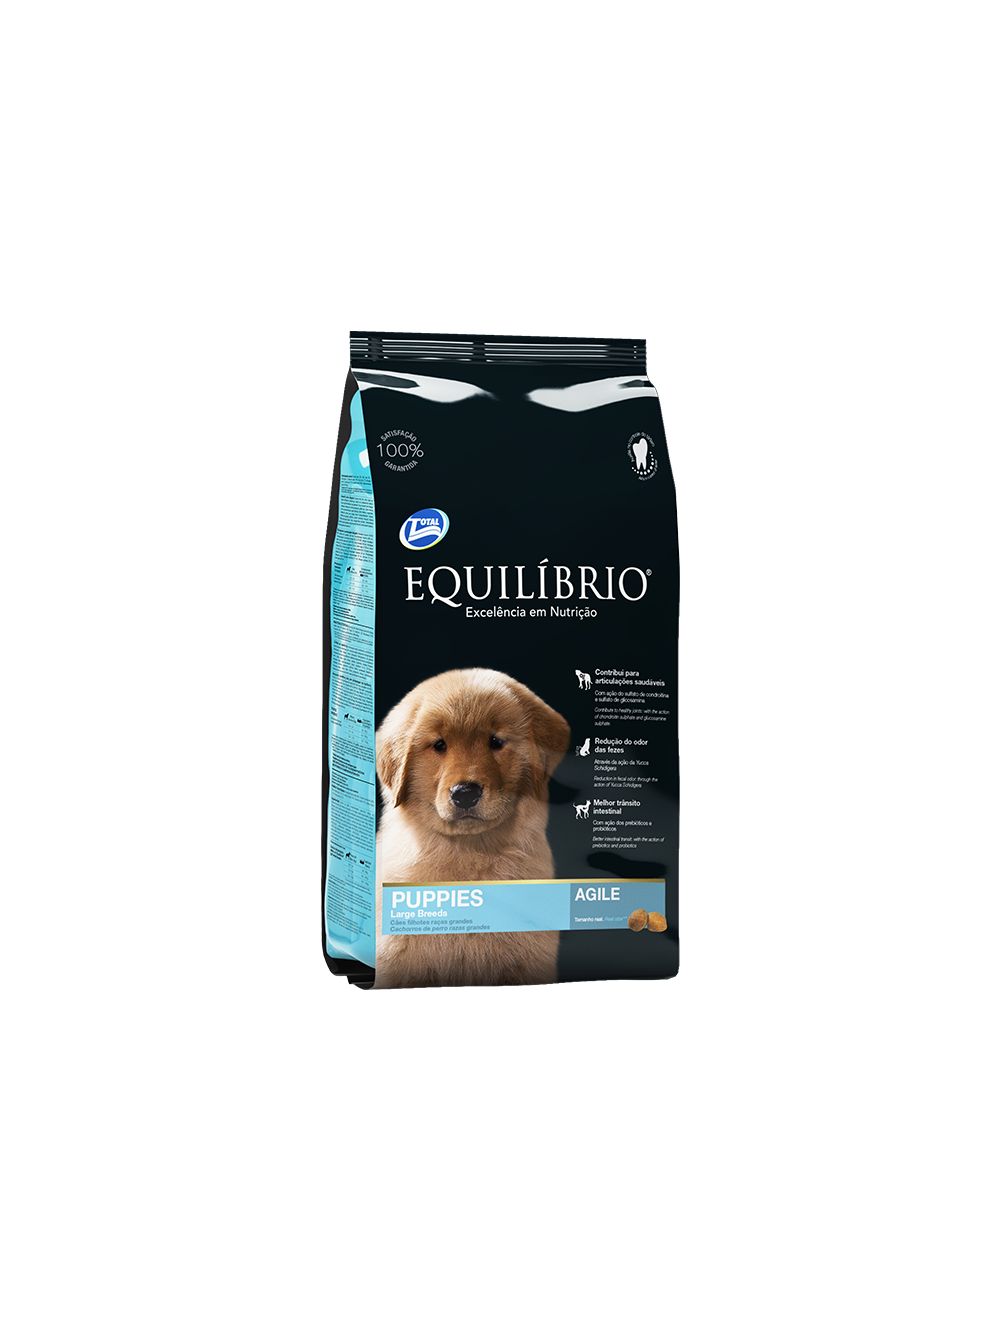 Equilibrio Cachorros Razas Grandes 25 Kg - DESCONTINUADO